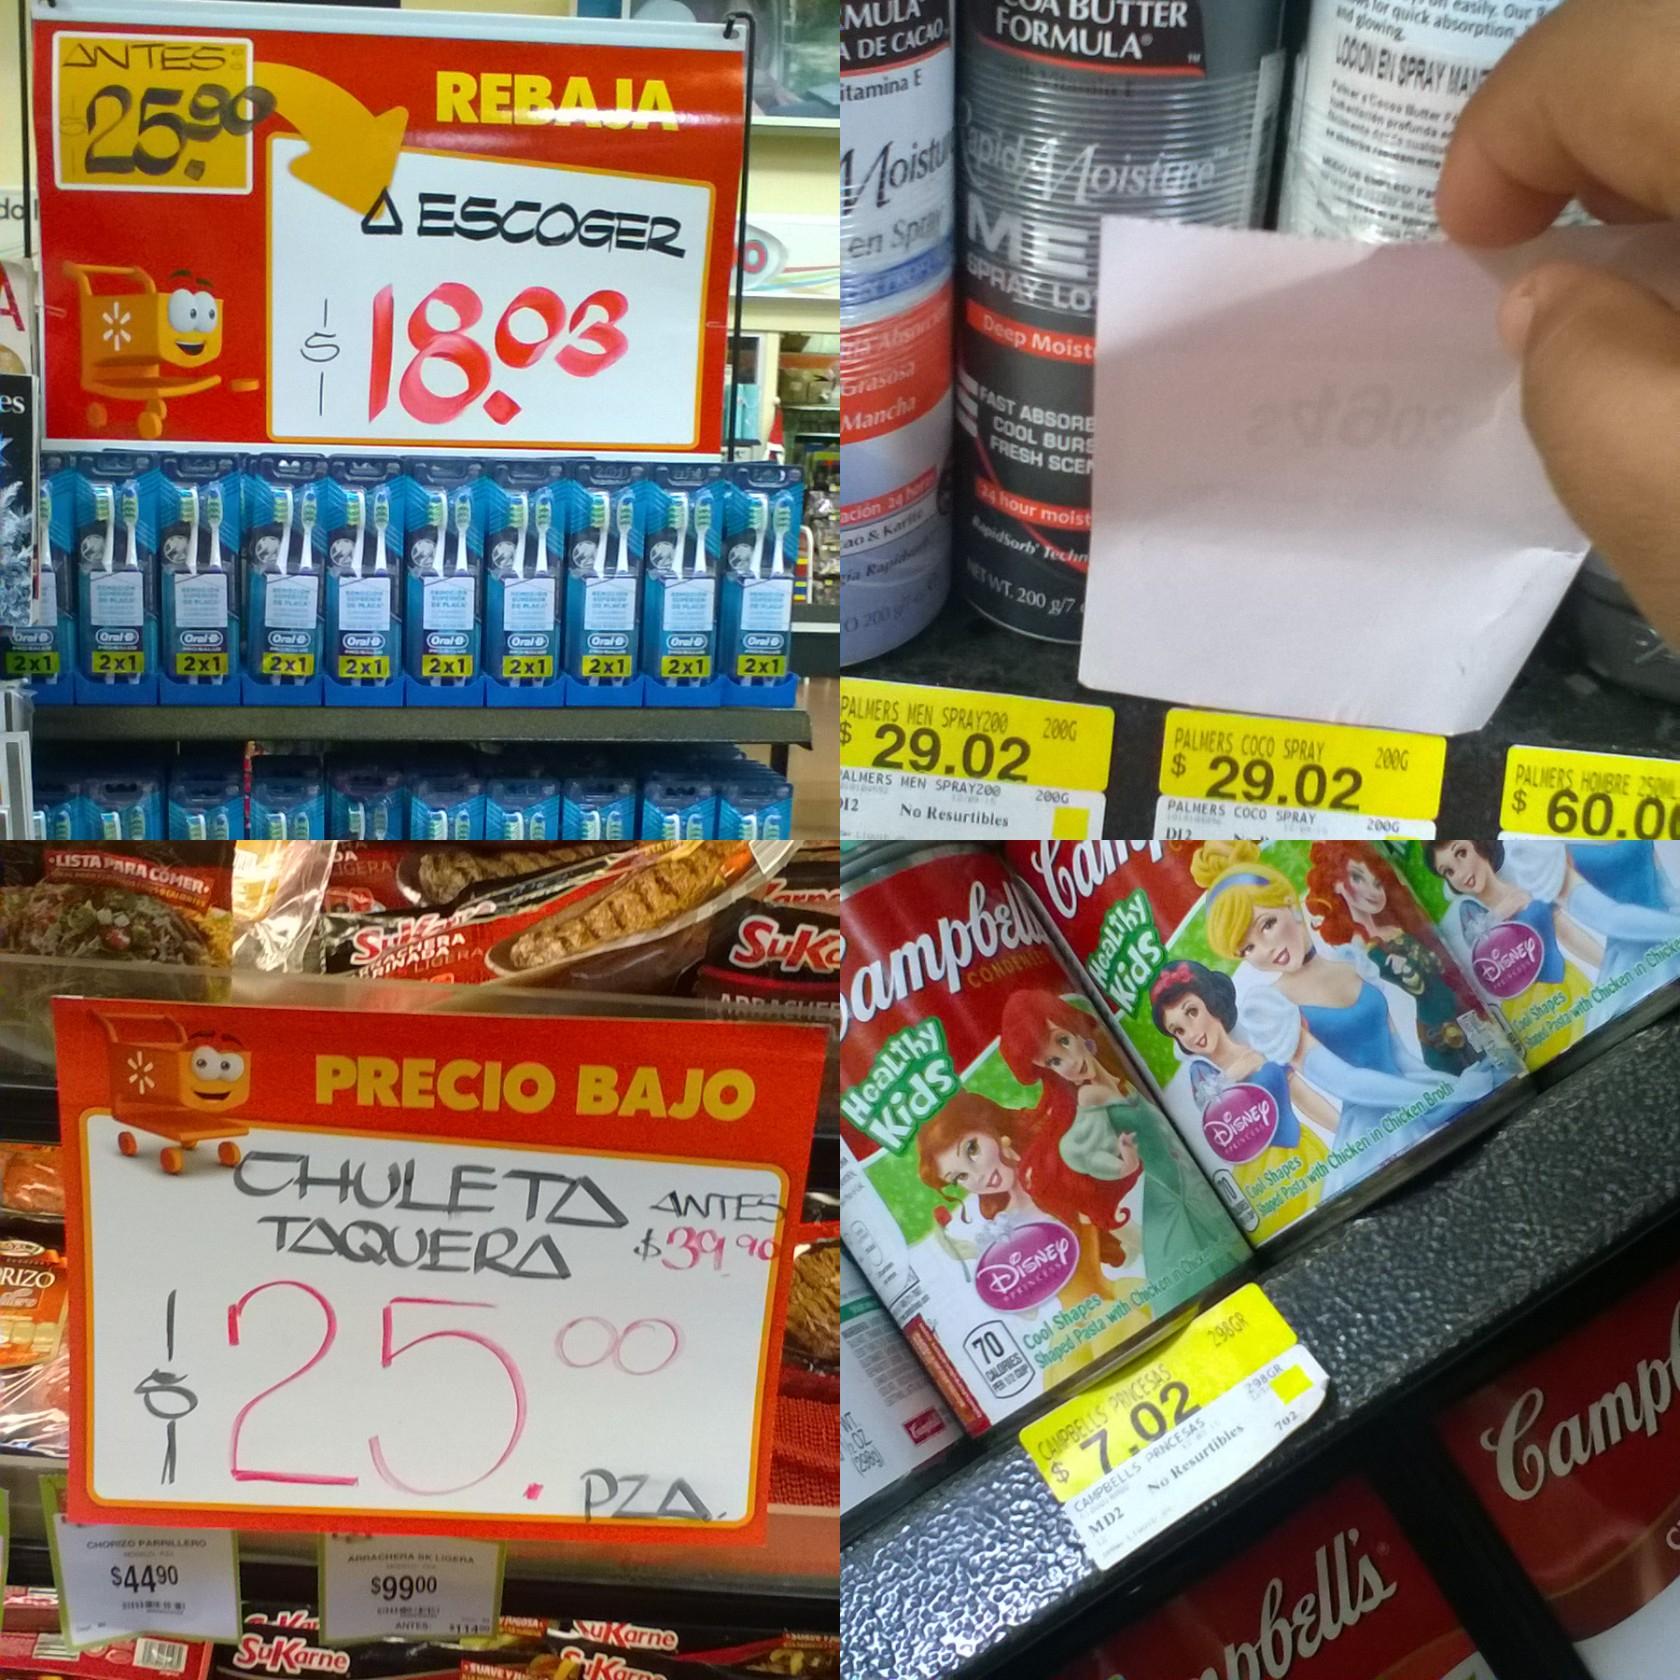 Walmart la cima de Zapopan: Varias ofertas desde $7.02 (Crema Campbells)